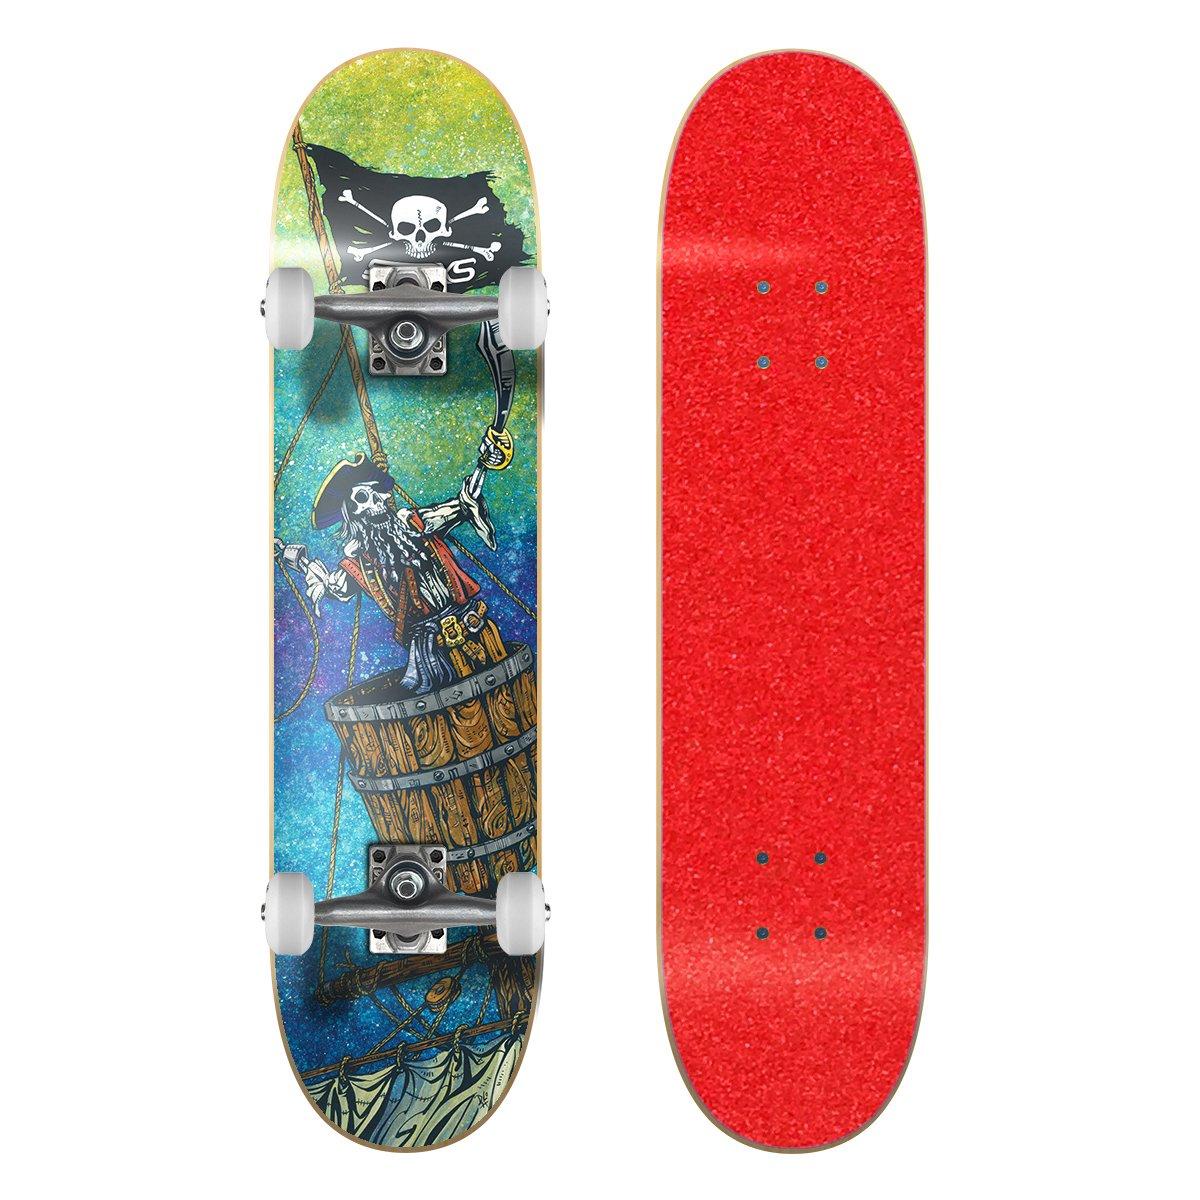 当店の記念日 SkateXS x ビギナー 11-12)|Red 海賊 ストリート スケートボード B01N9DP5OR Grip 7.4 x 30 (Ages 11-12)|Red Grip Tape/ White Wheels Red Grip Tape/ White Wheels 7.4 x 30 (Ages 11-12), 帽子屋QUEENHEAD:6549c10e --- a0267596.xsph.ru